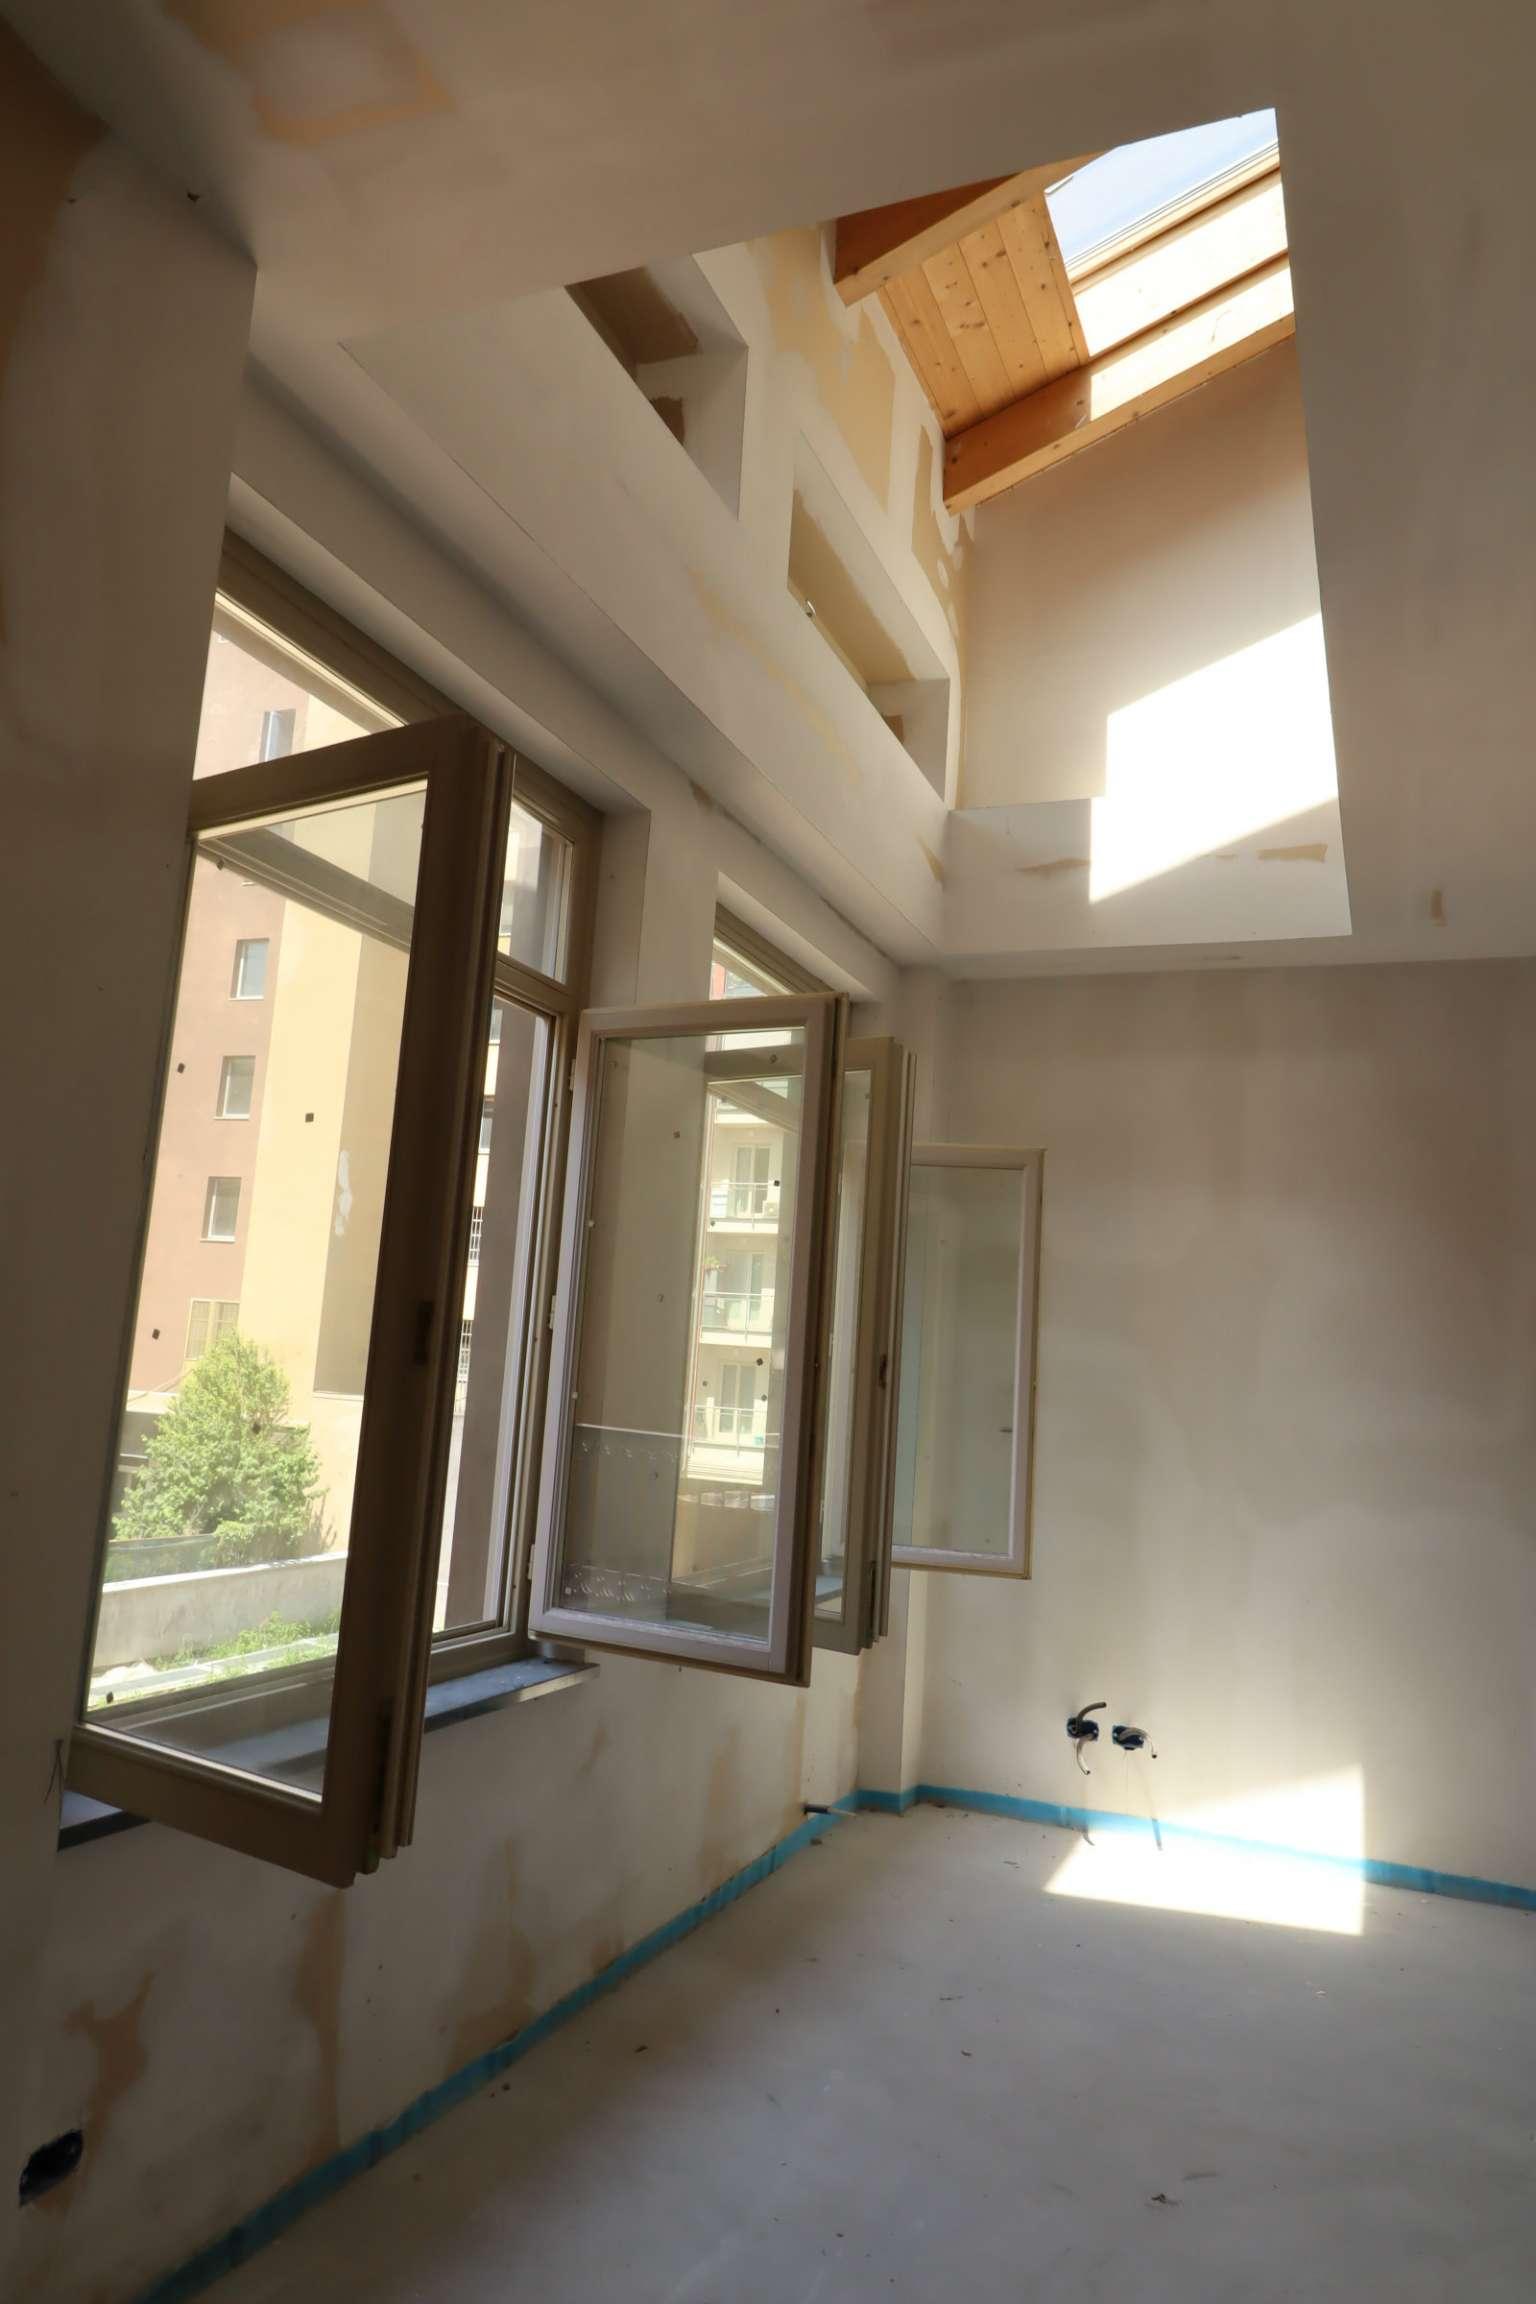 Foto 1 di Loft / Open space corso Regina Margherita  242, Torino (zona Cit Turin, San Donato, Campidoglio)